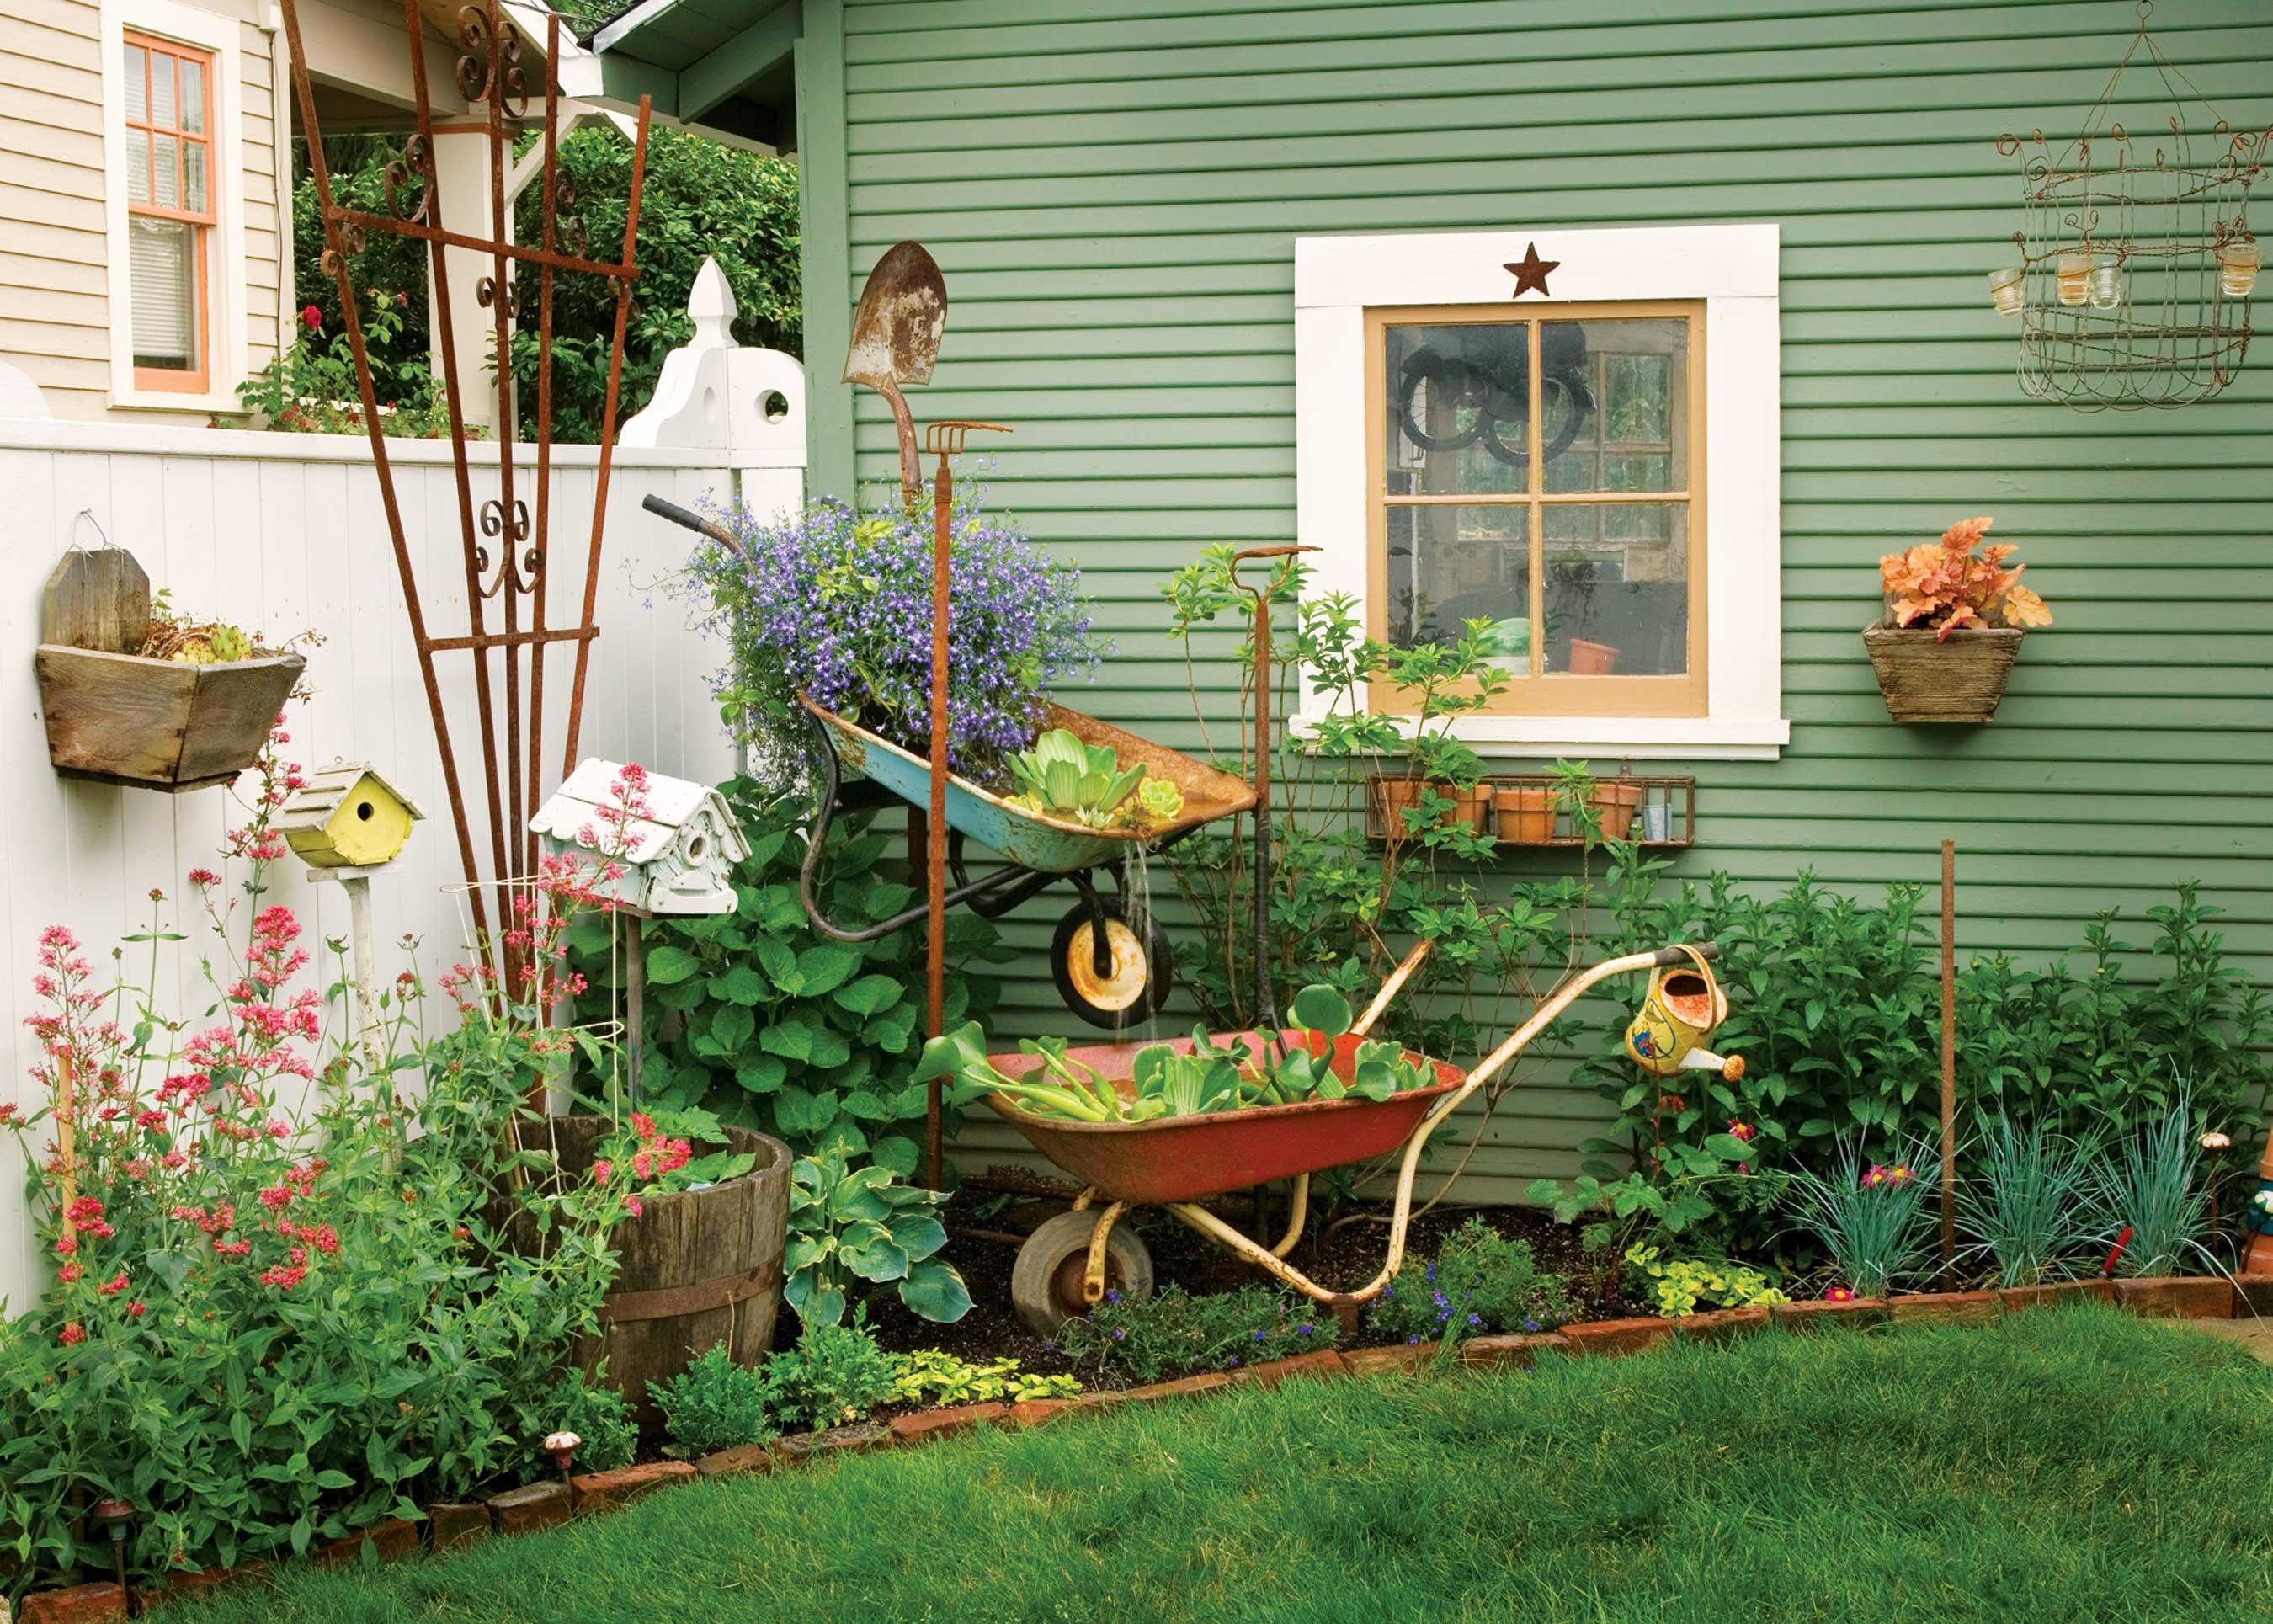 Wheelbarrow Crafts Ways To Repurpose A Wheelbarrow